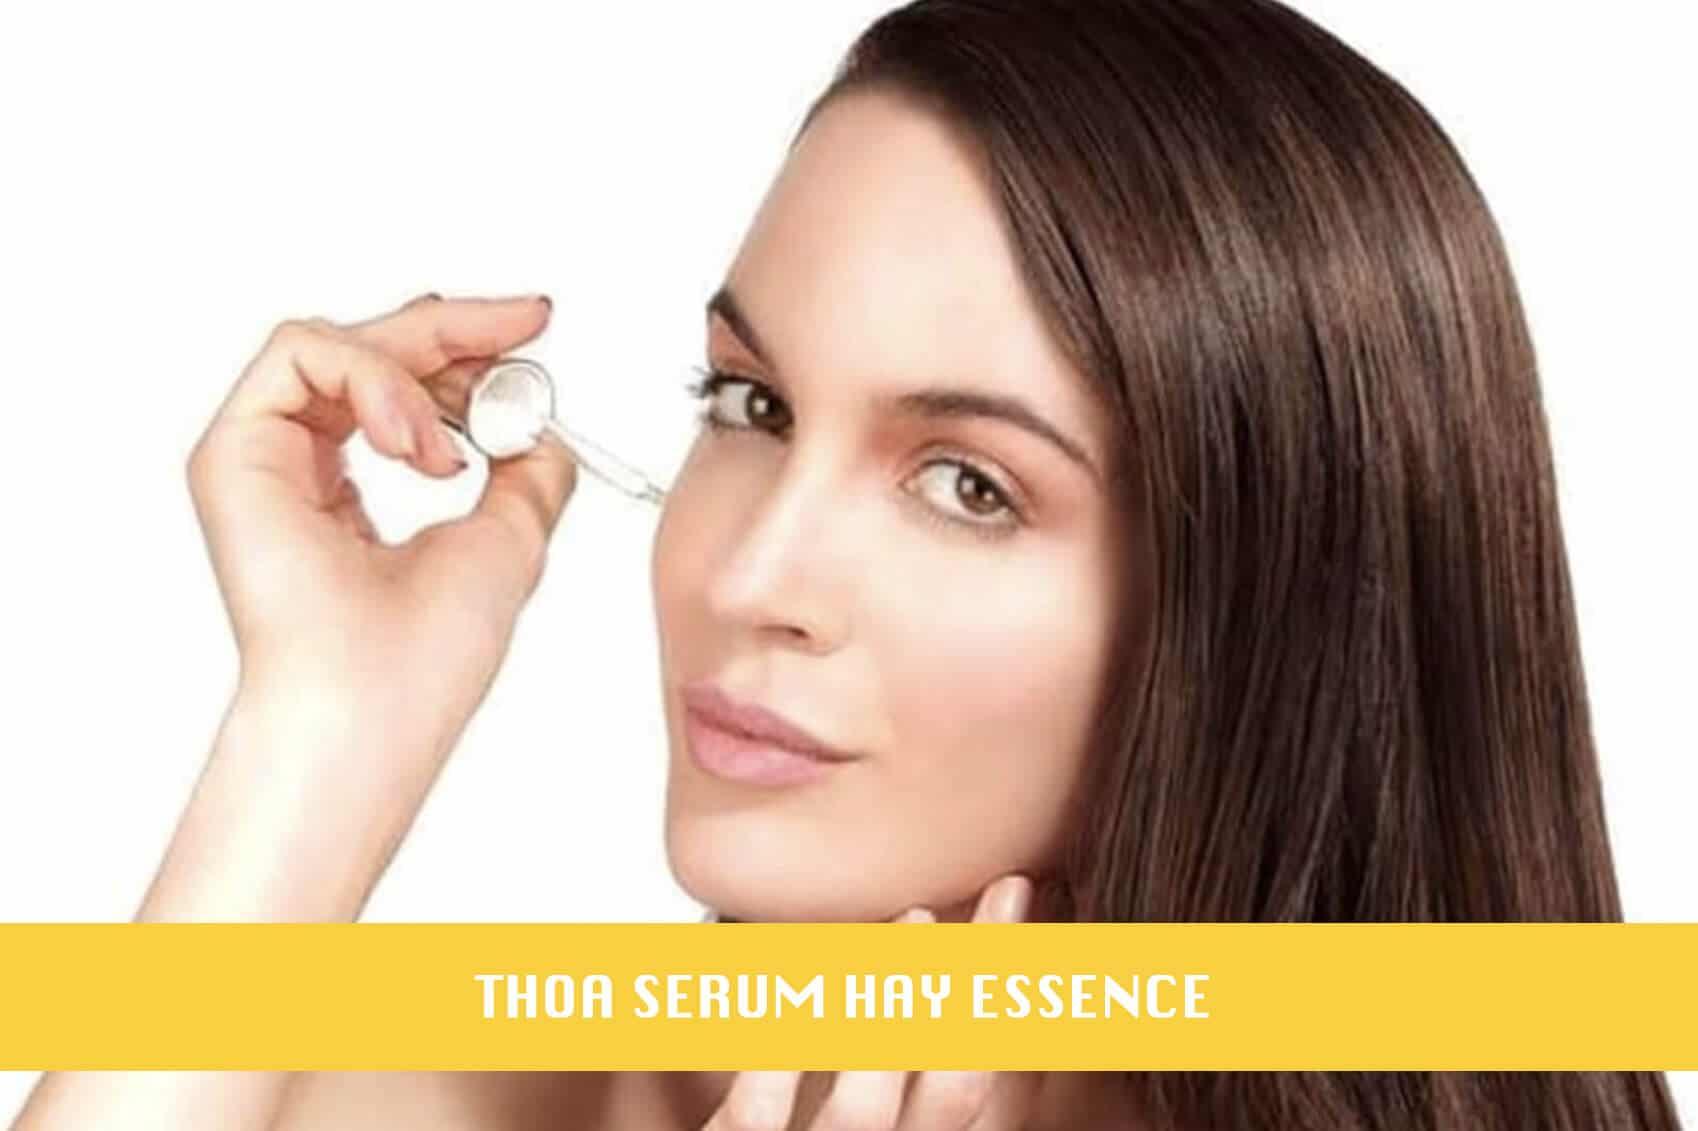 thoa serum